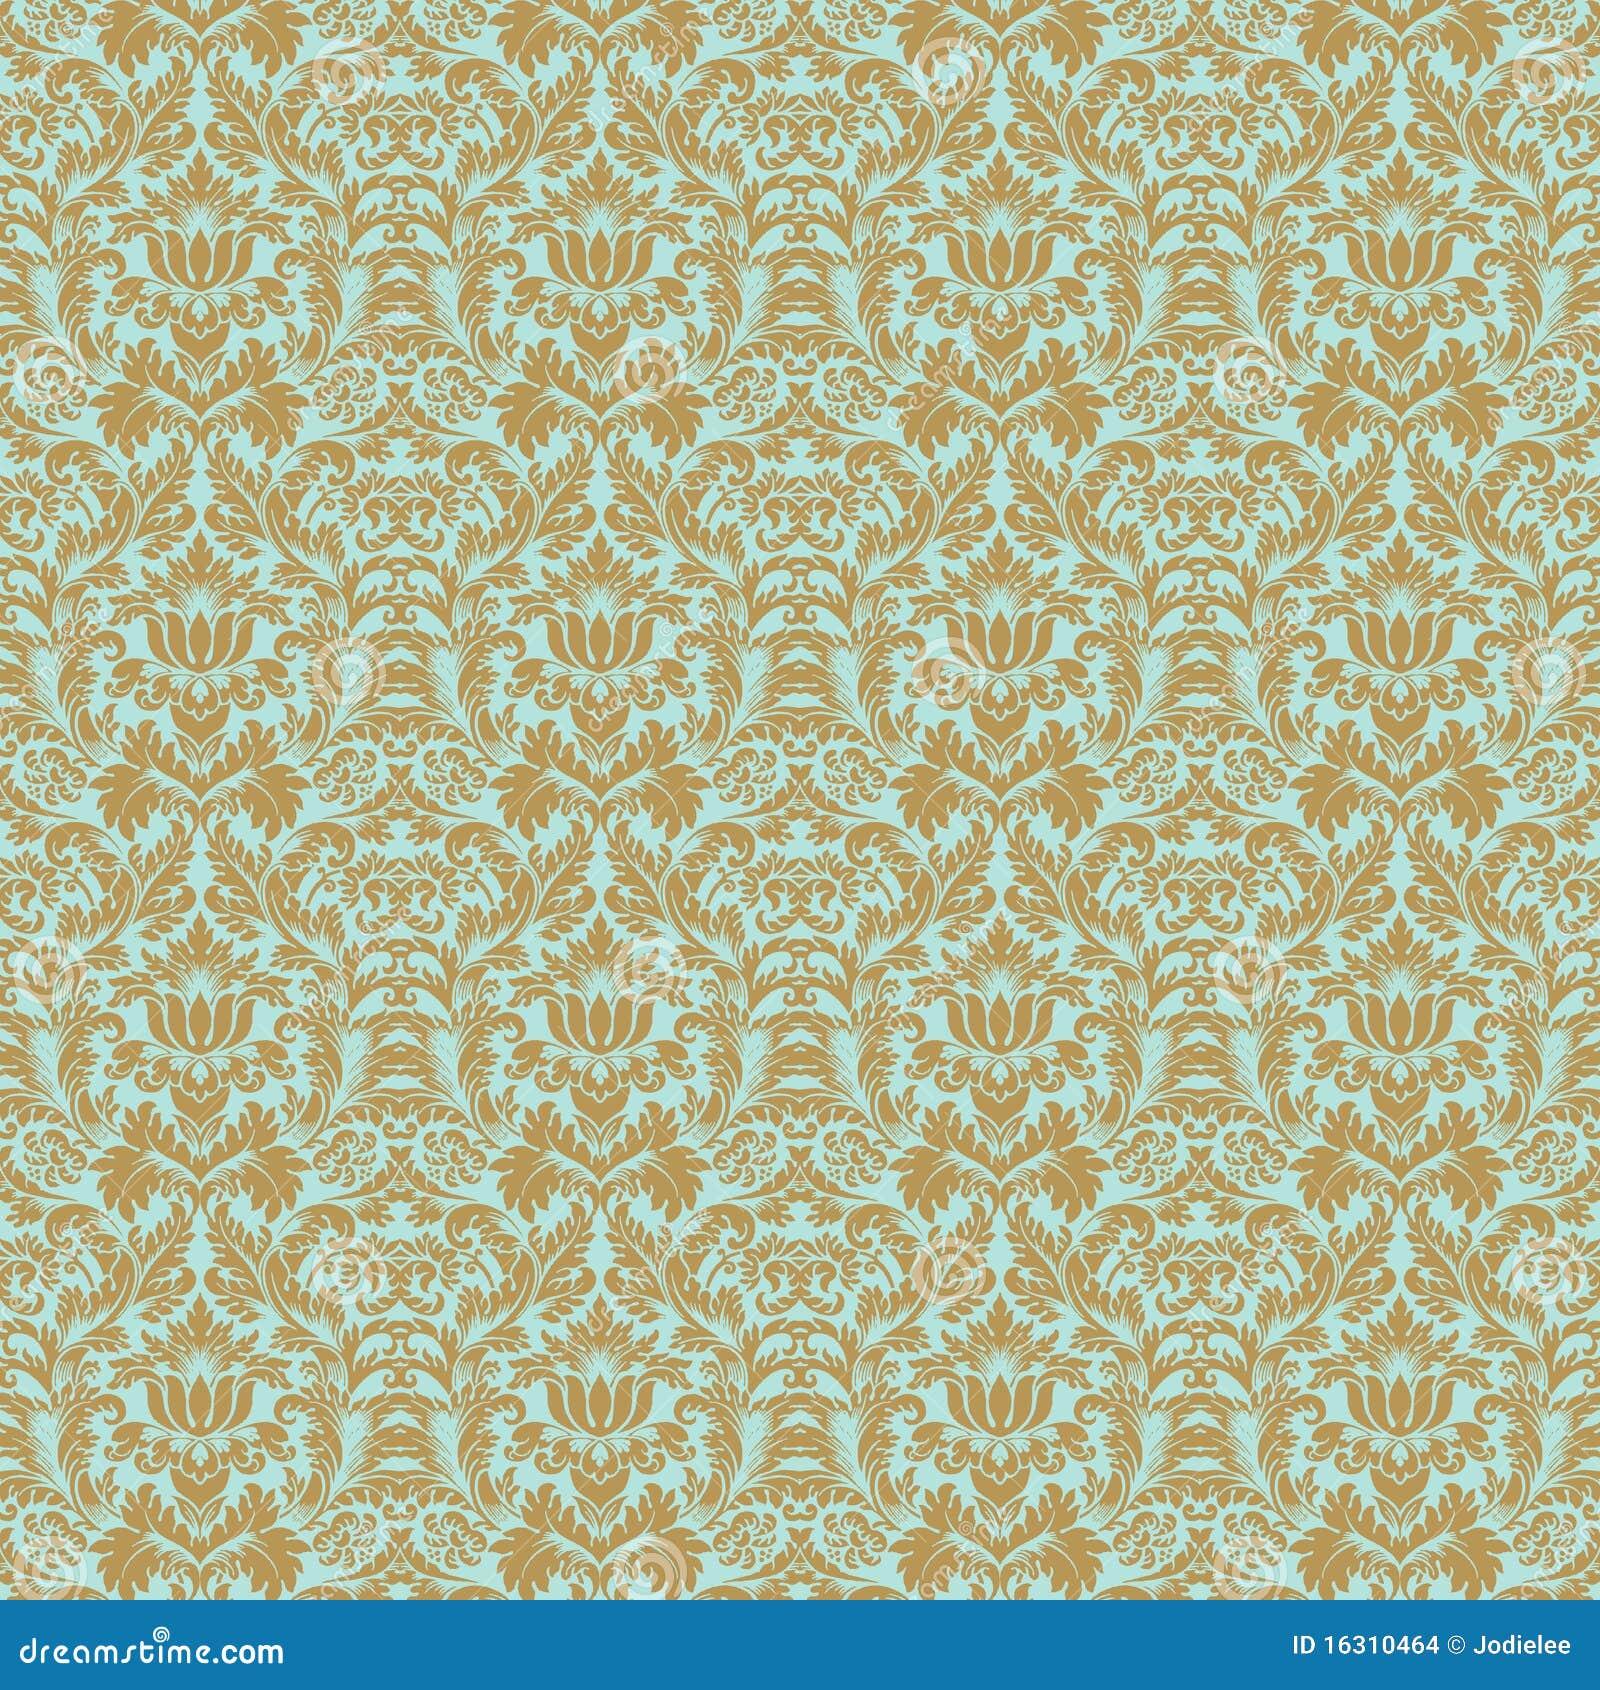 thibaut damask wallpaper